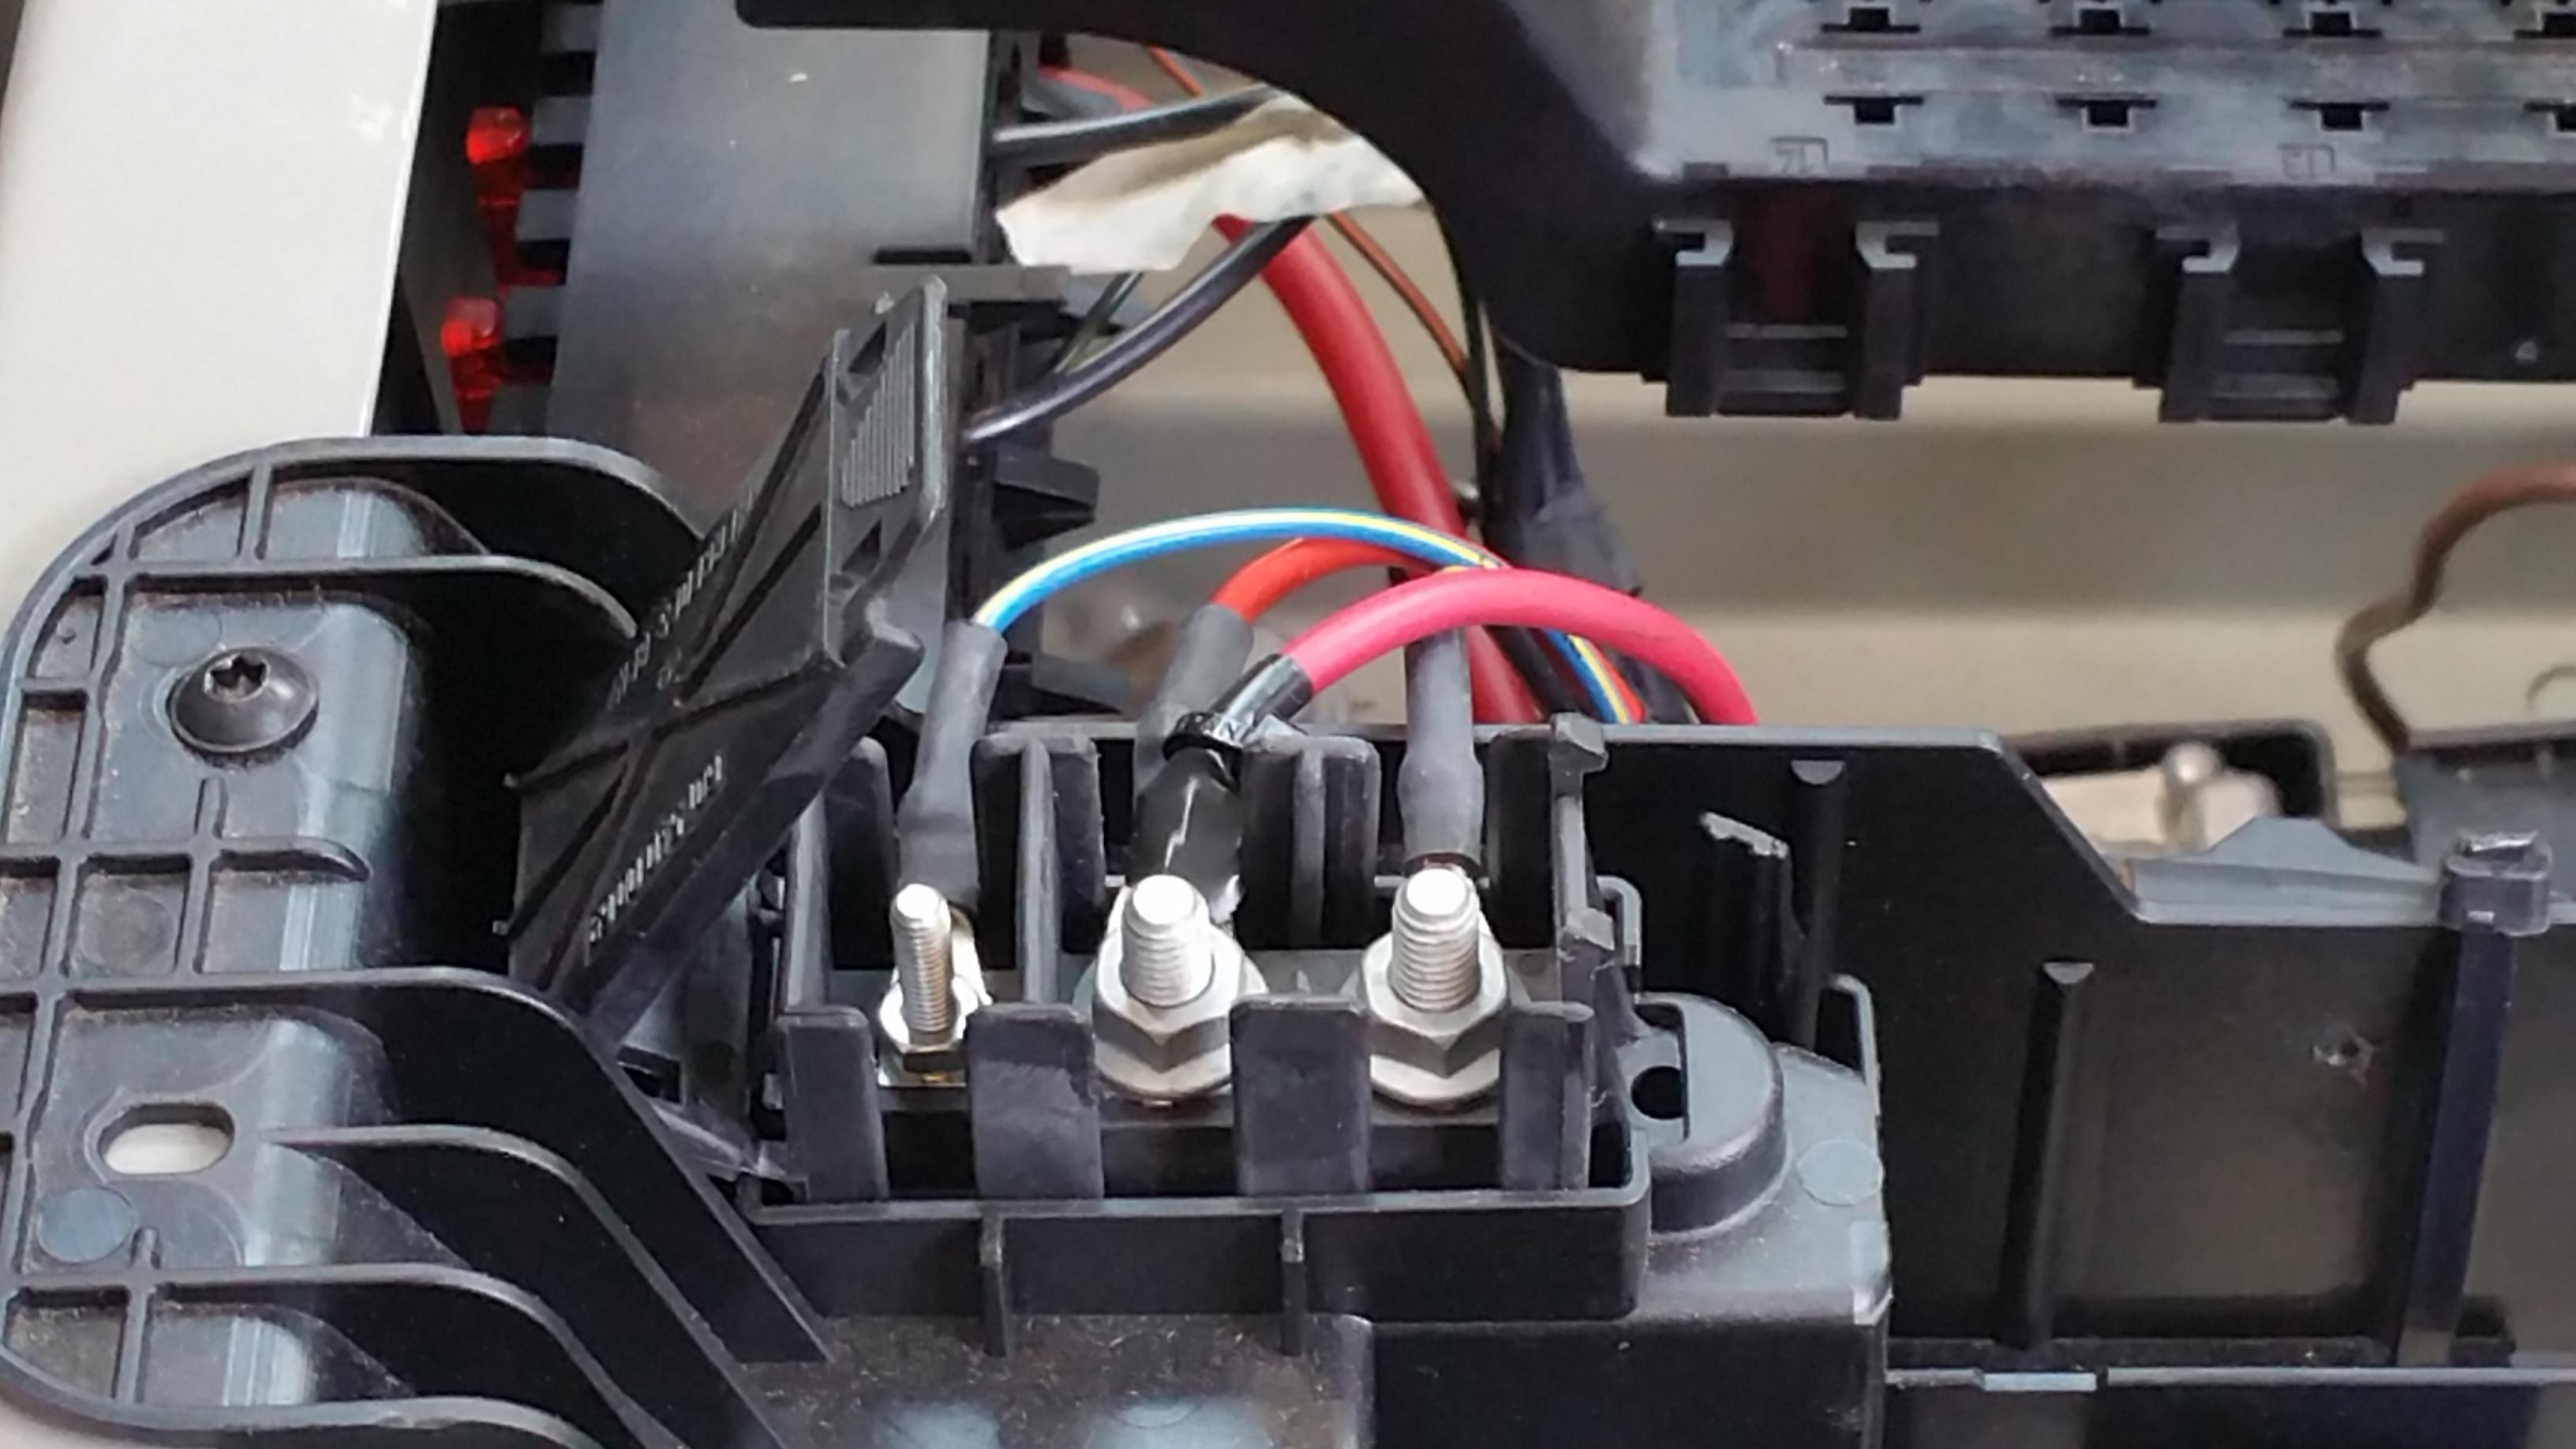 Gemütlich Electrical Wiring Hot Wire Zeitgenössisch - Der Schaltplan ...